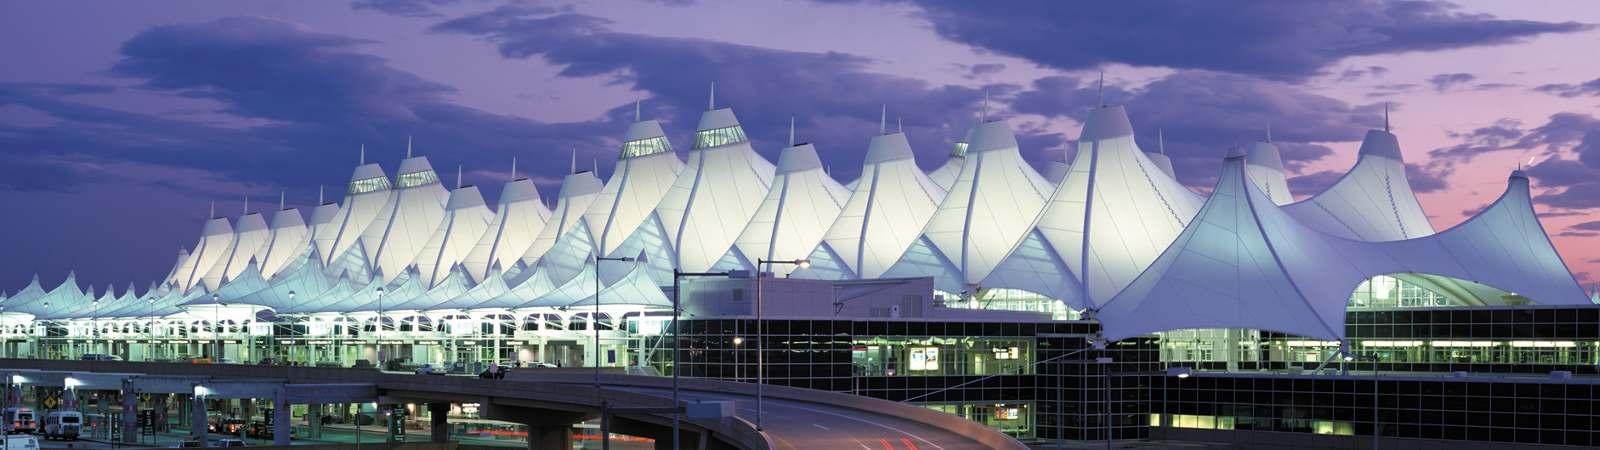 Car Rental For Denver Airport (DEN)